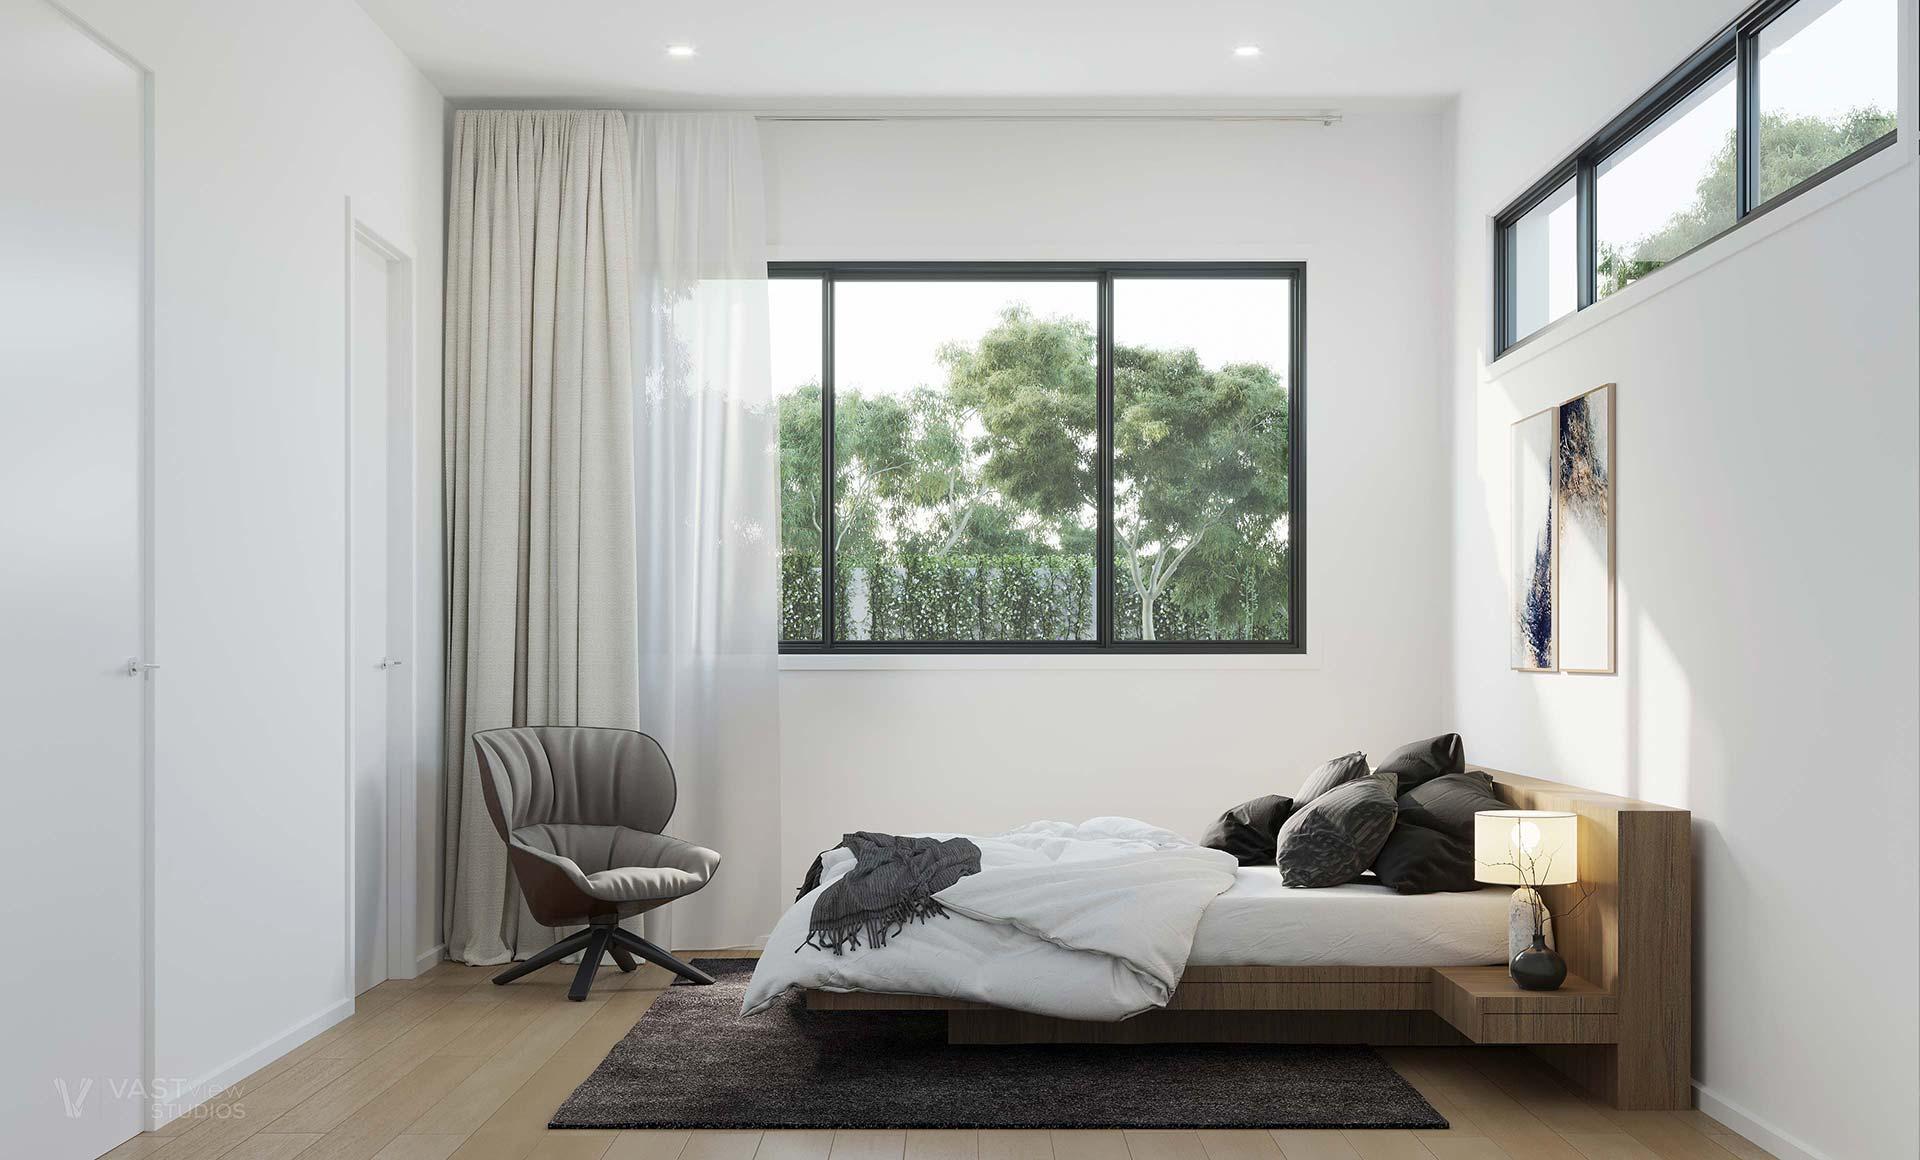 HazelSt_Bedroom_FinalRender_v1.0